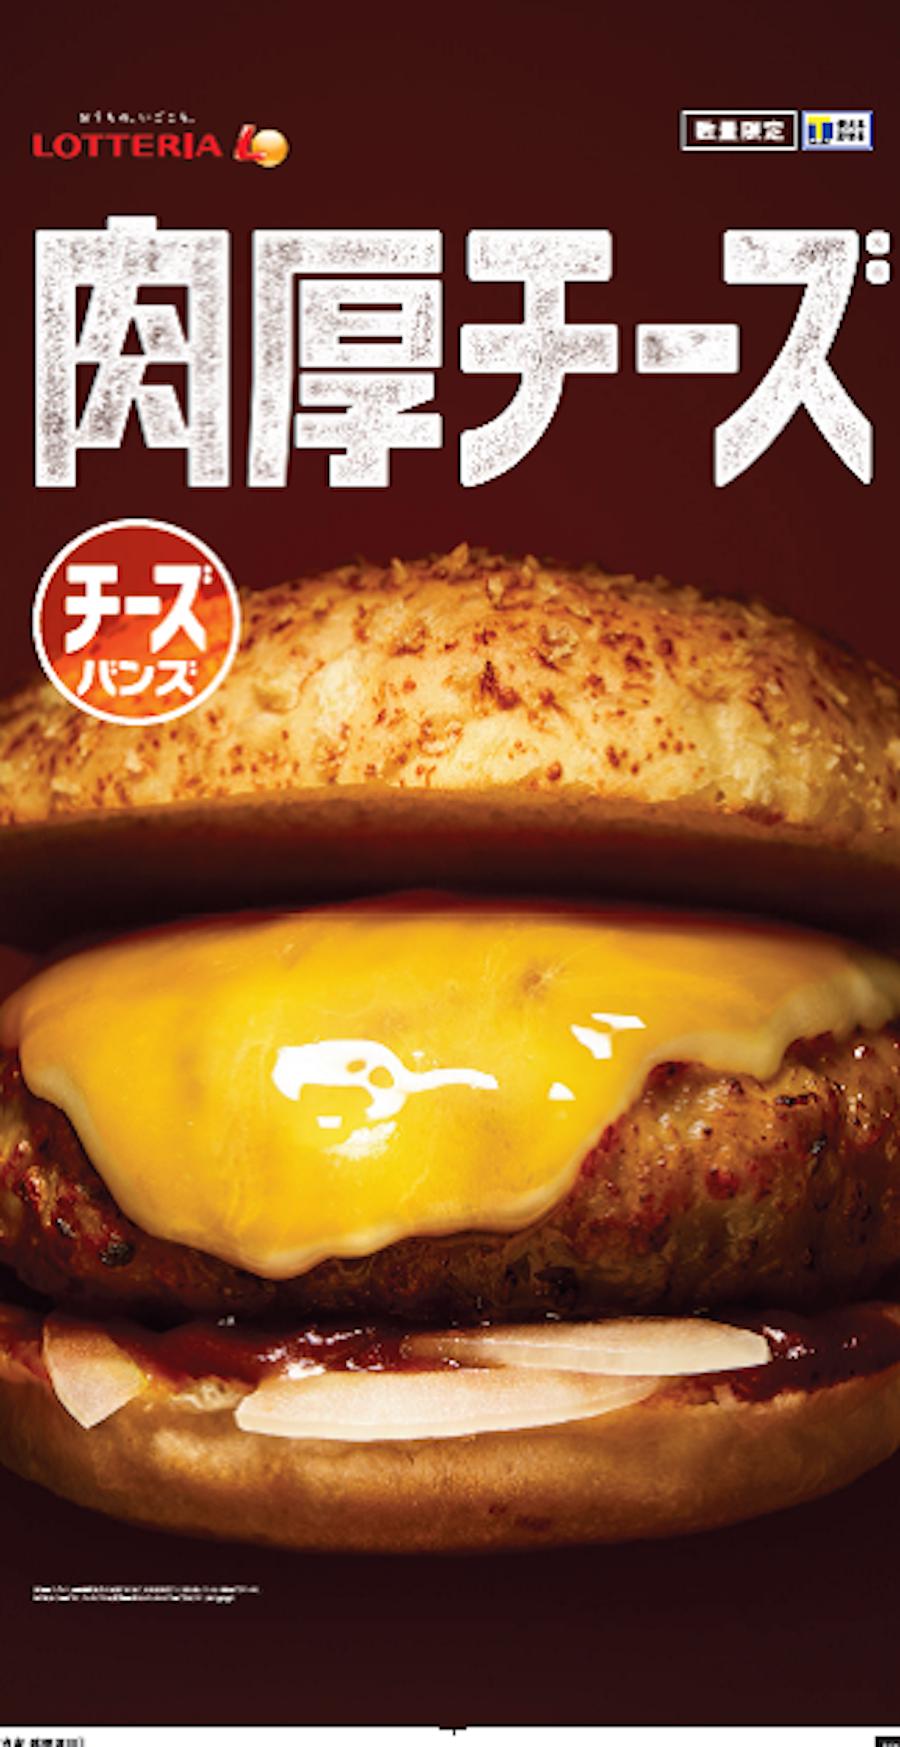 ロッテリア、食欲の秋に向けた「肉厚チーズハンバーガー」を期間限定で販売